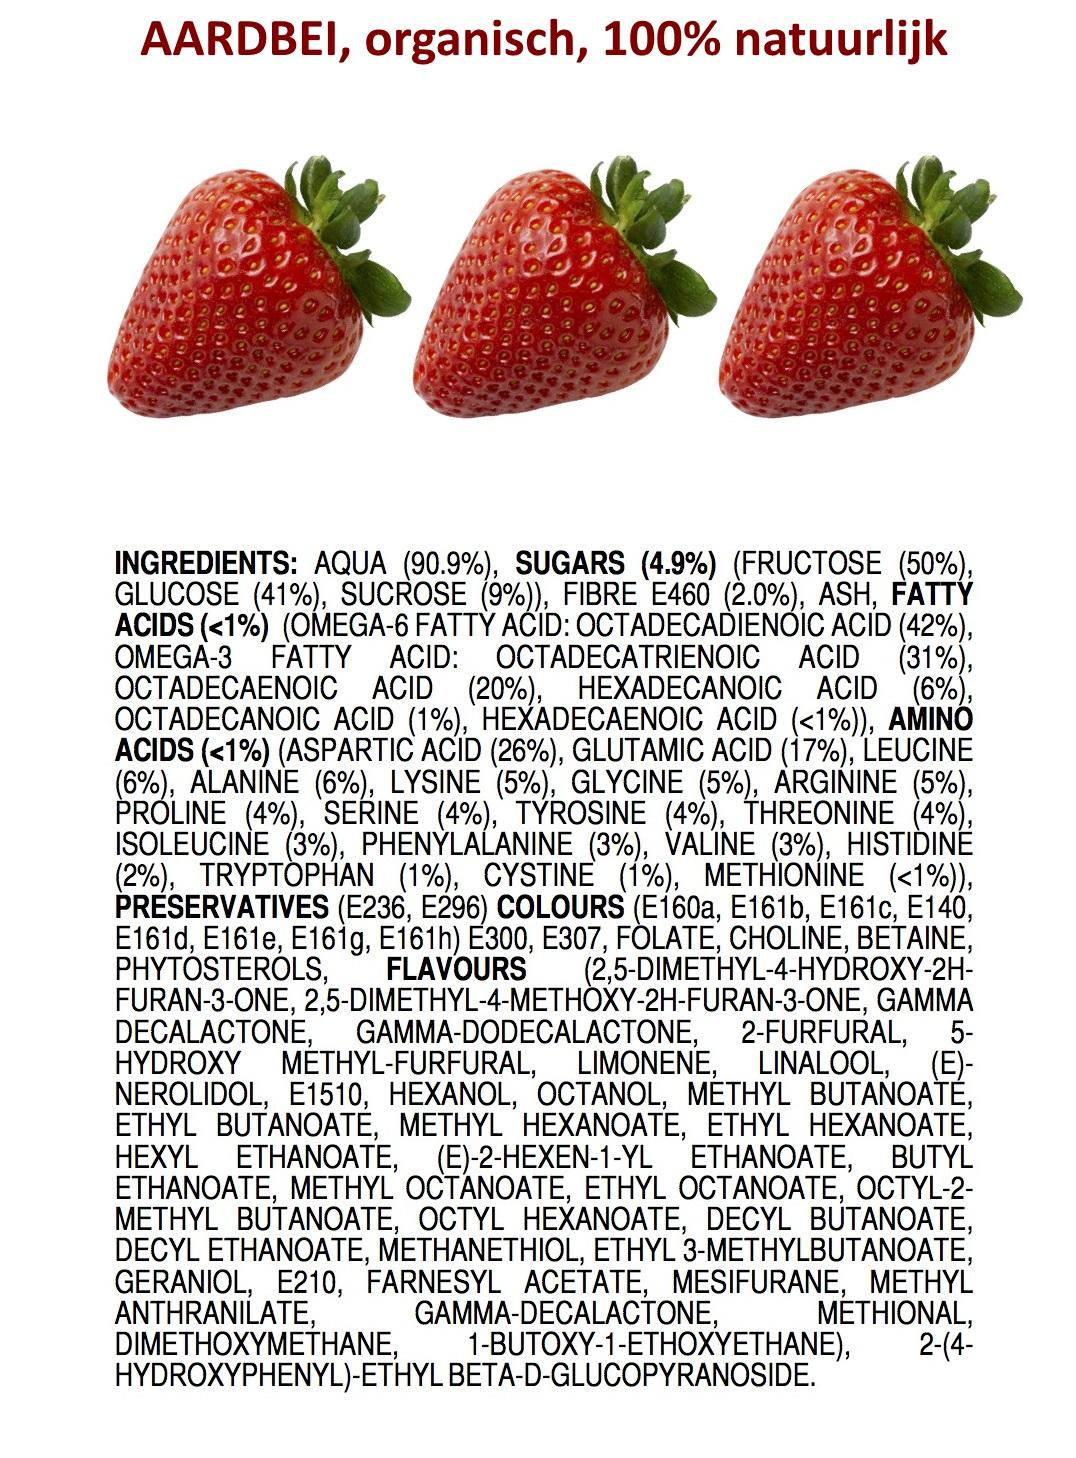 De ingrediënten van een aardbei